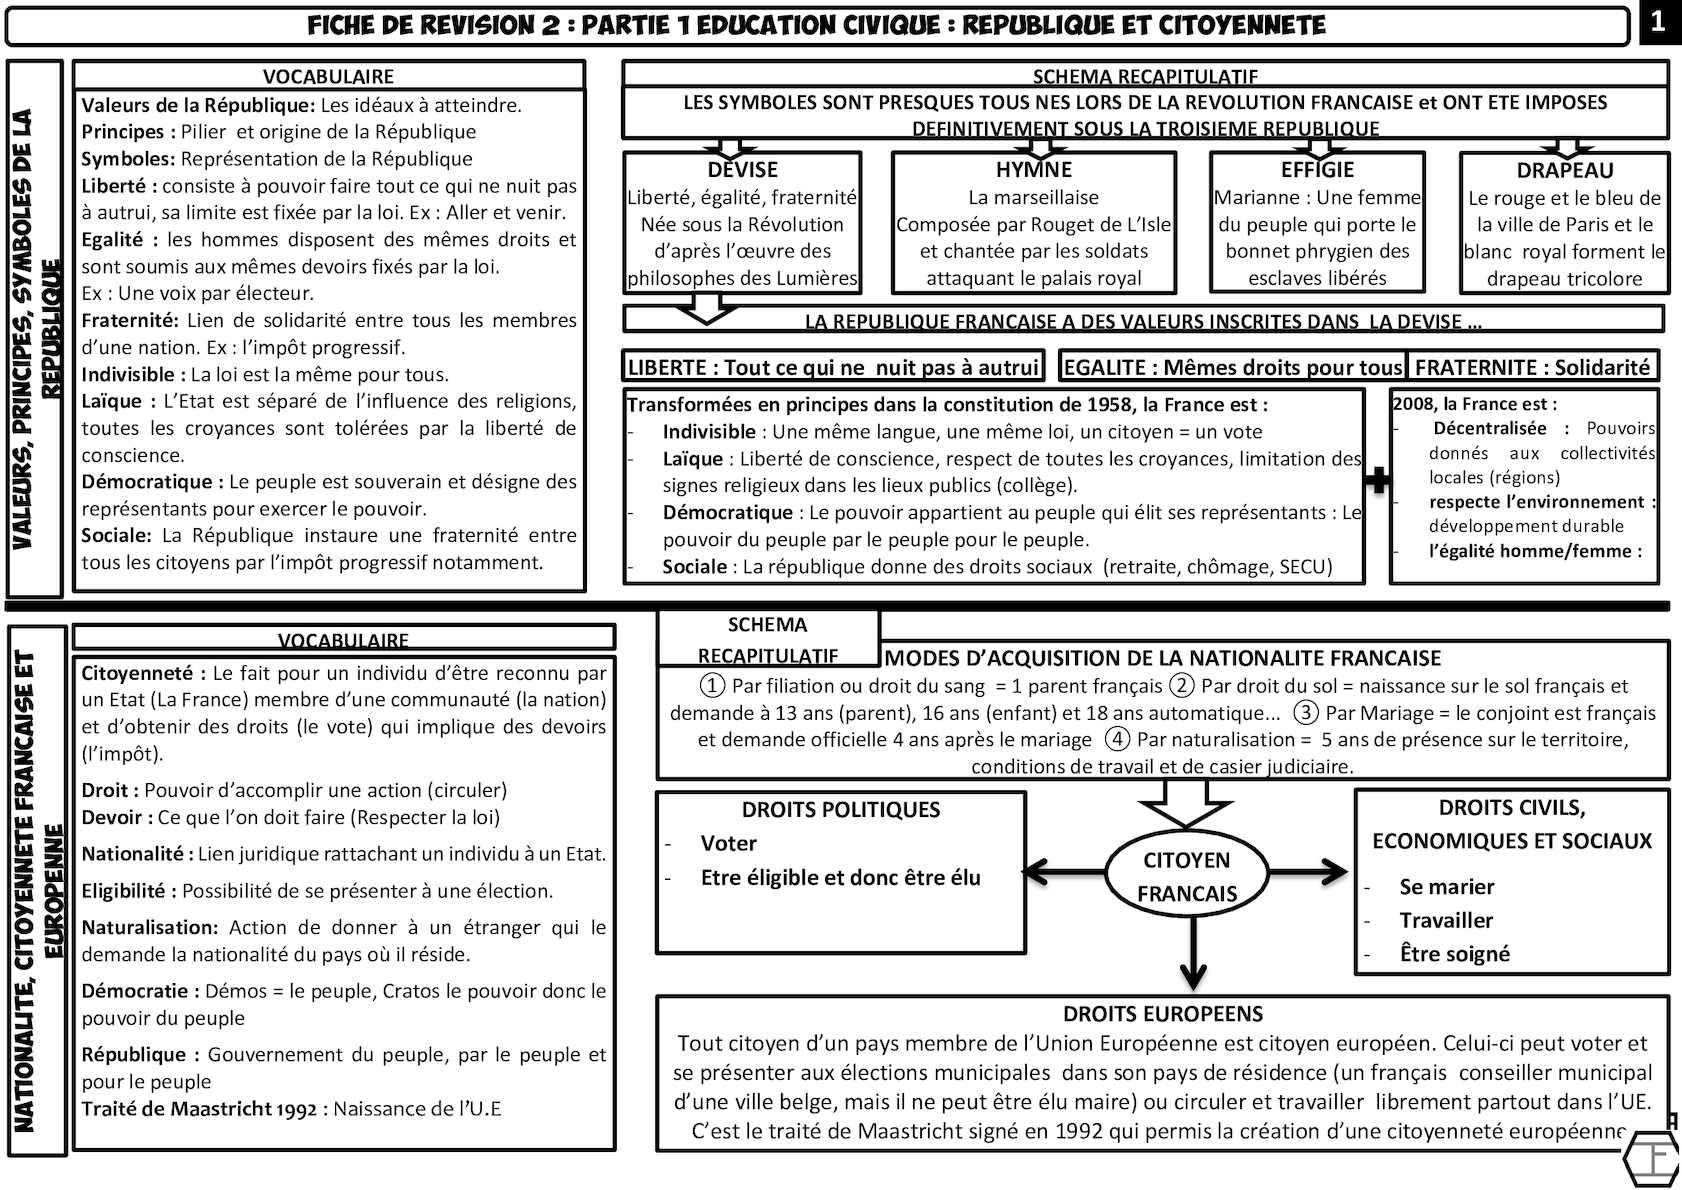 Pdf Fiche Revision 2 Ec 3eme Partie 1 2013